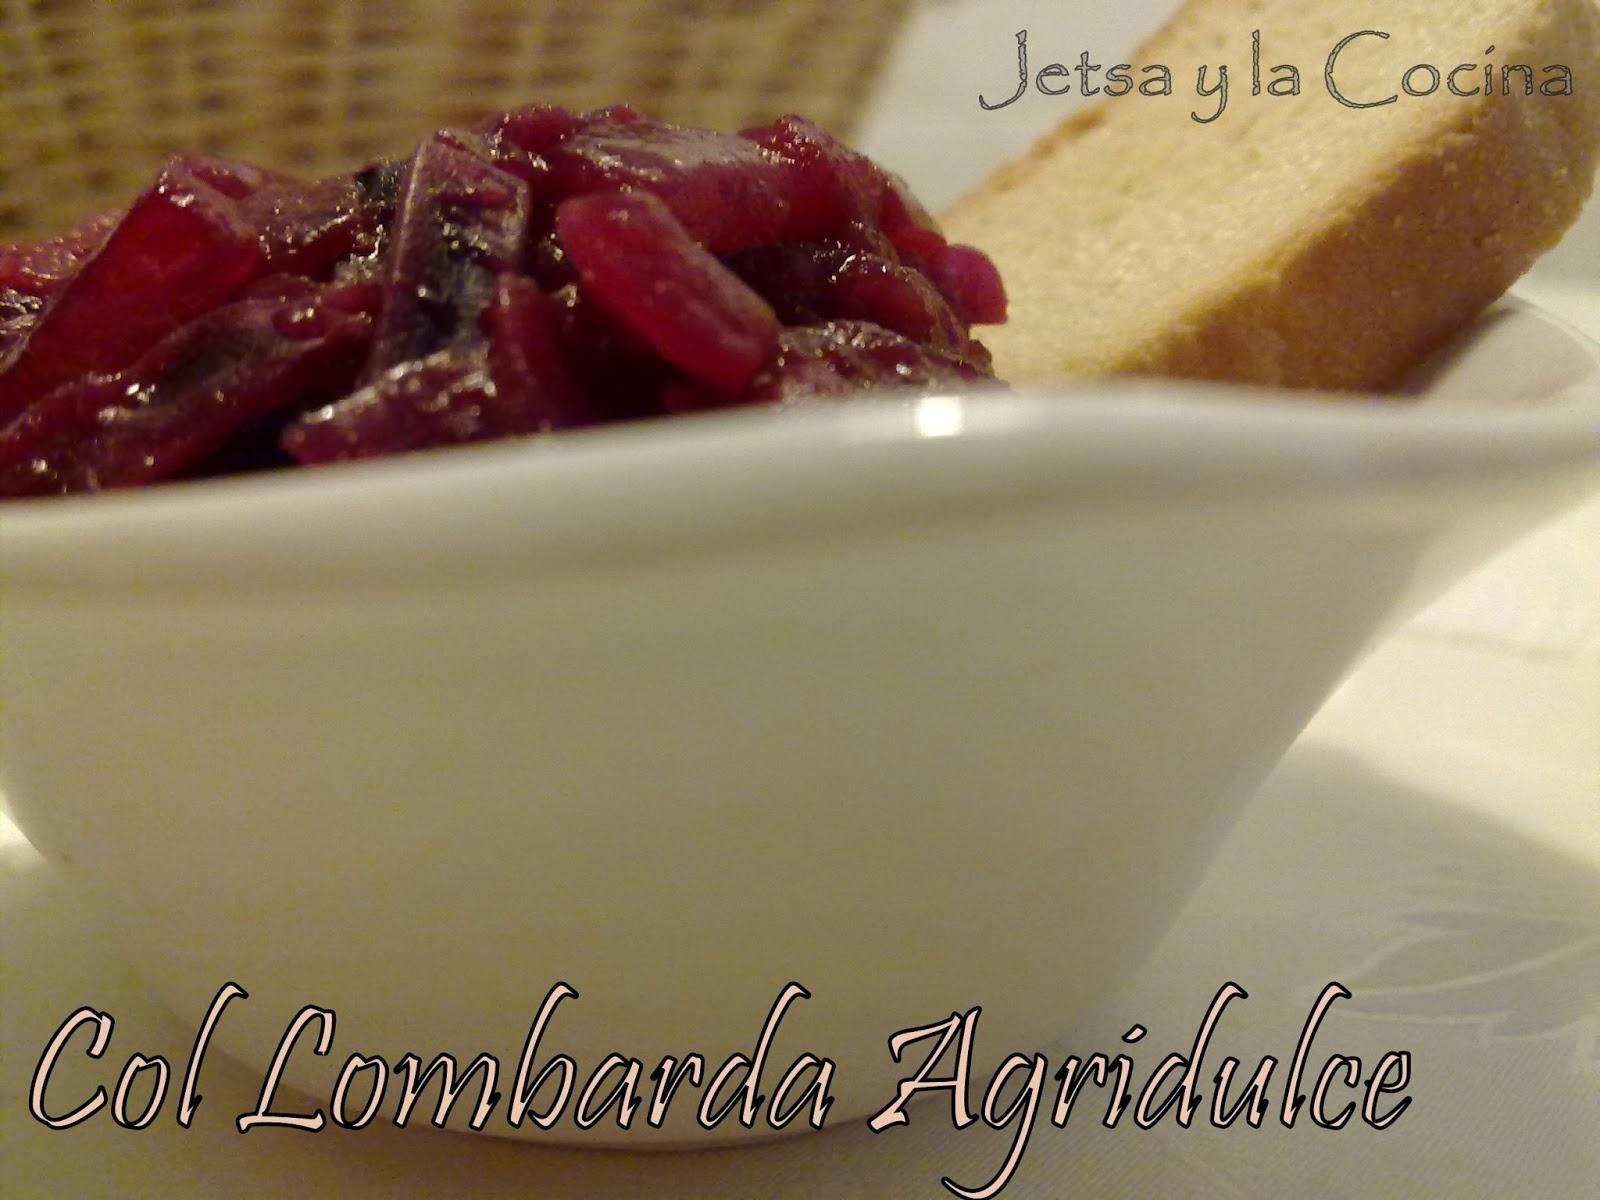 Jetsa y la cocina col lombarda agridulce for Cocinar col lombarda